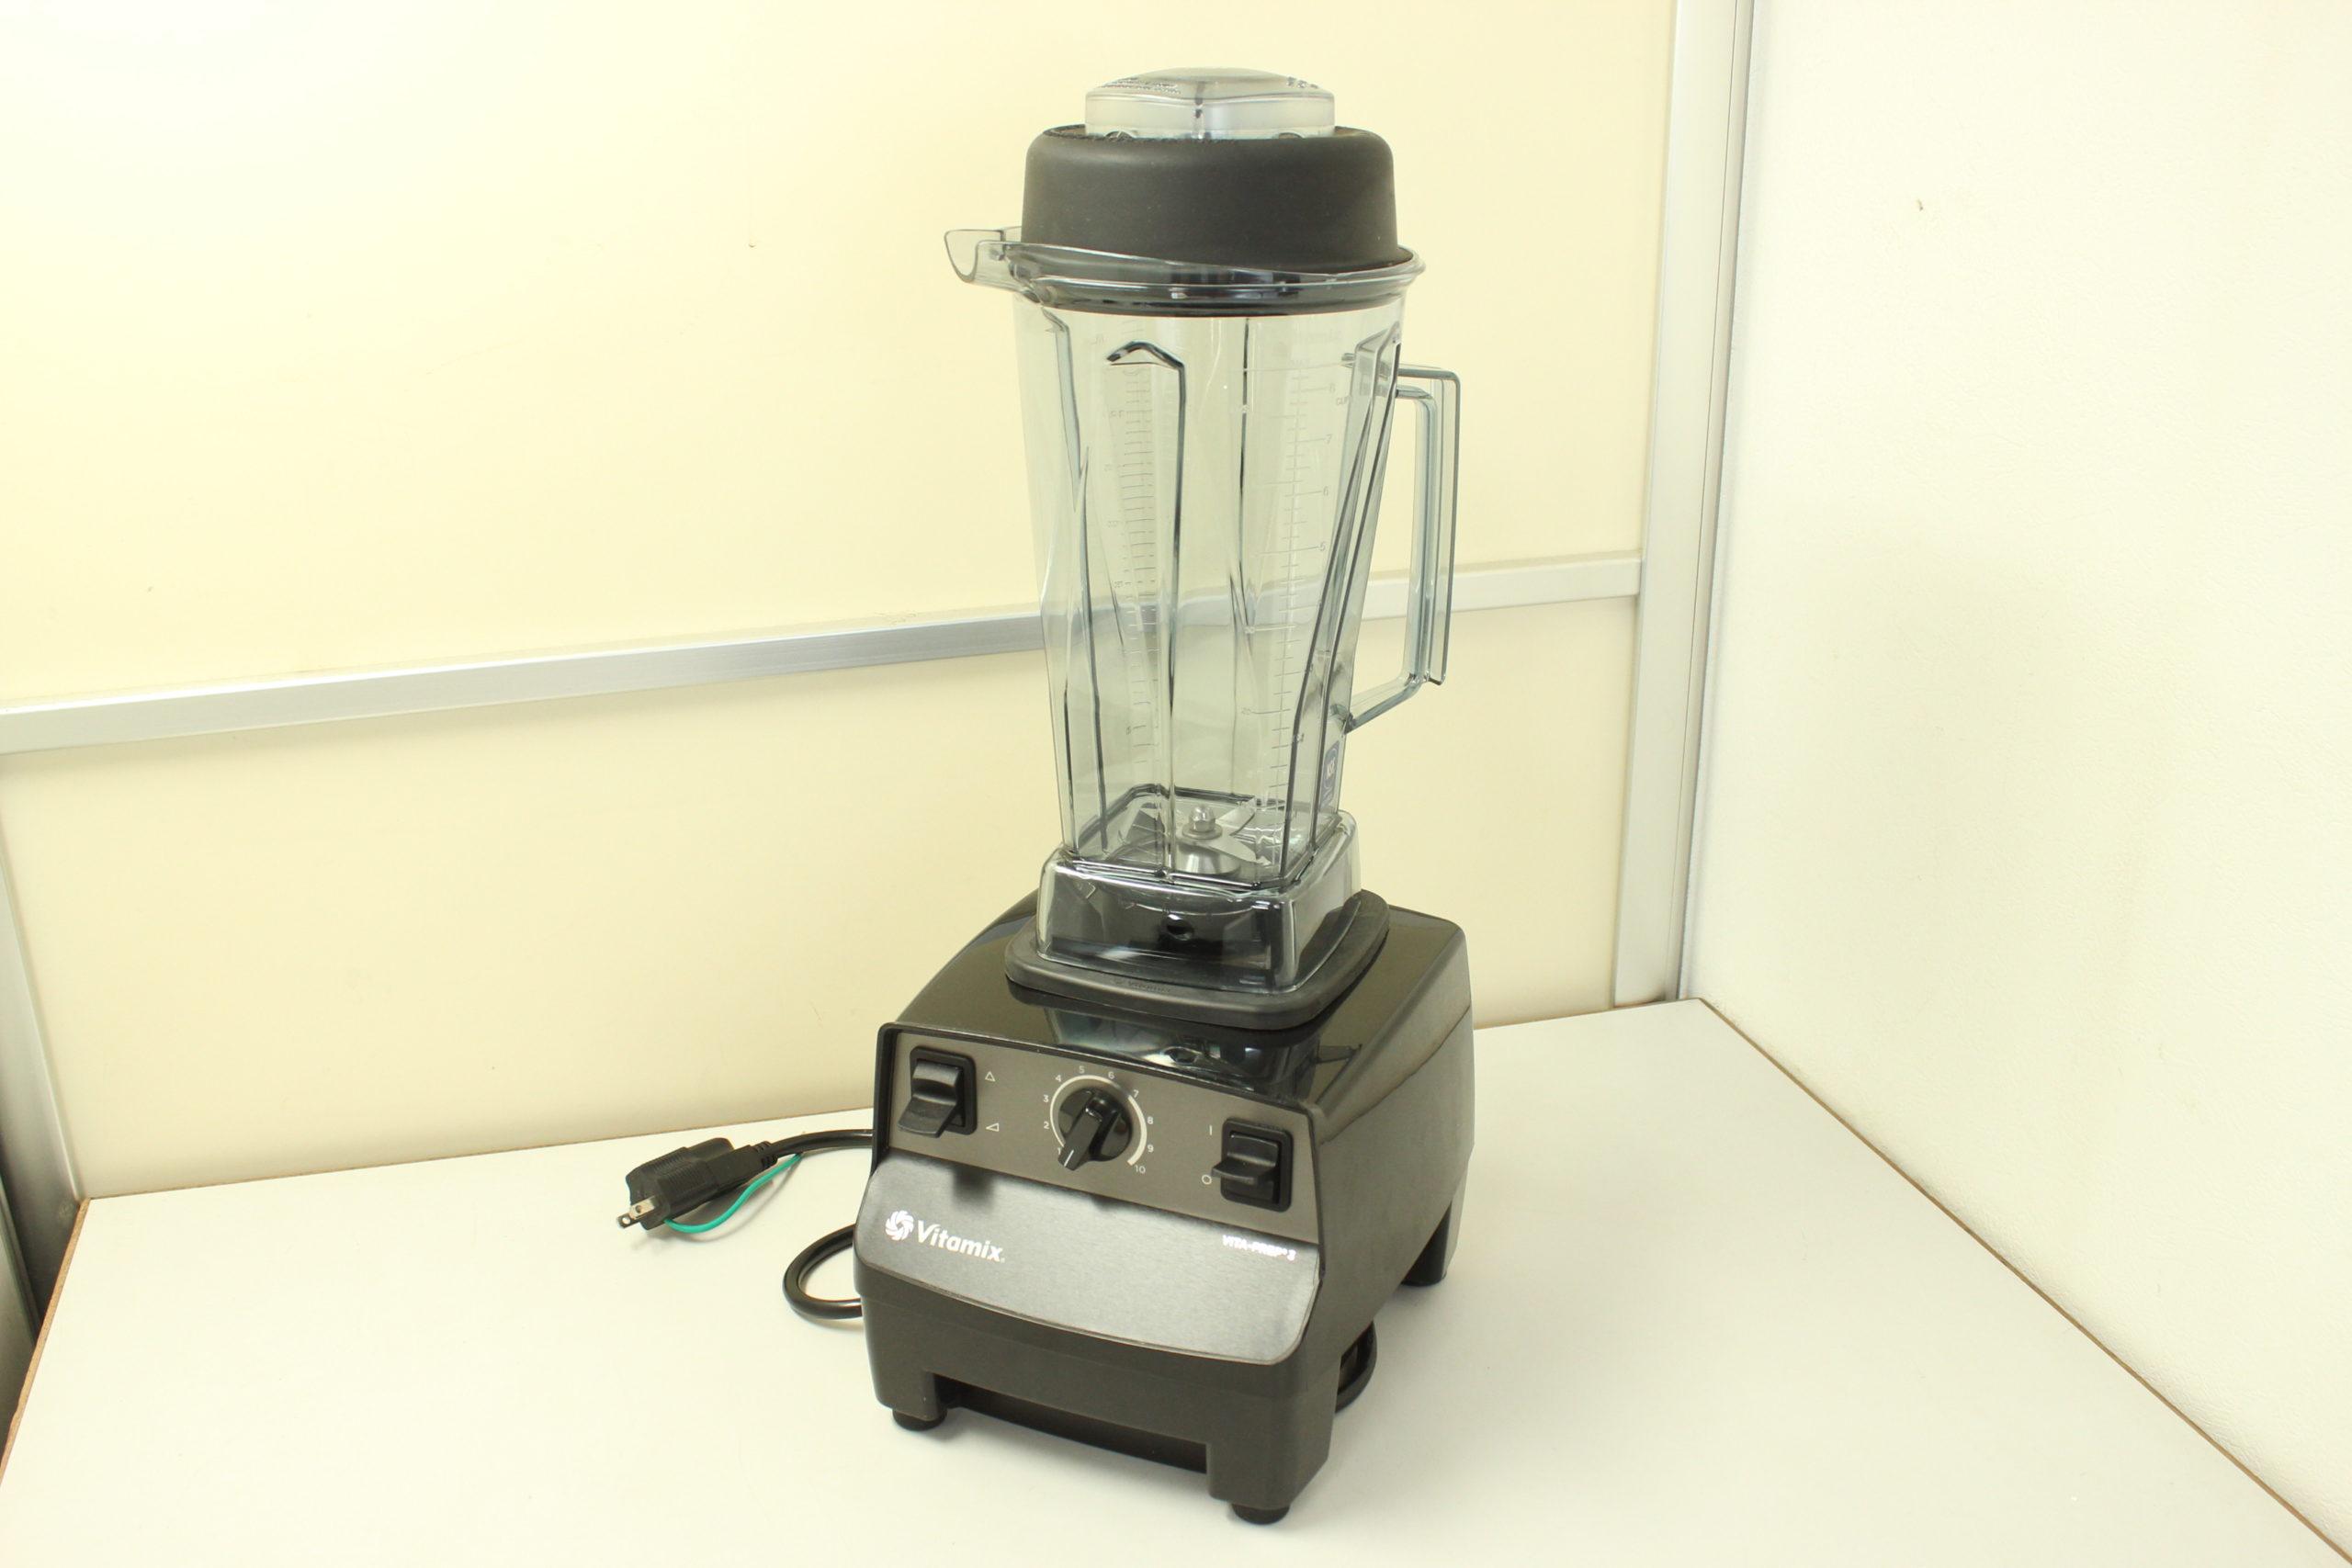 (福岡市中央区) Vitamix/バイタミックス VITA-PREP3 ミキサー 調理器具の買取もお任せください♪の買取-